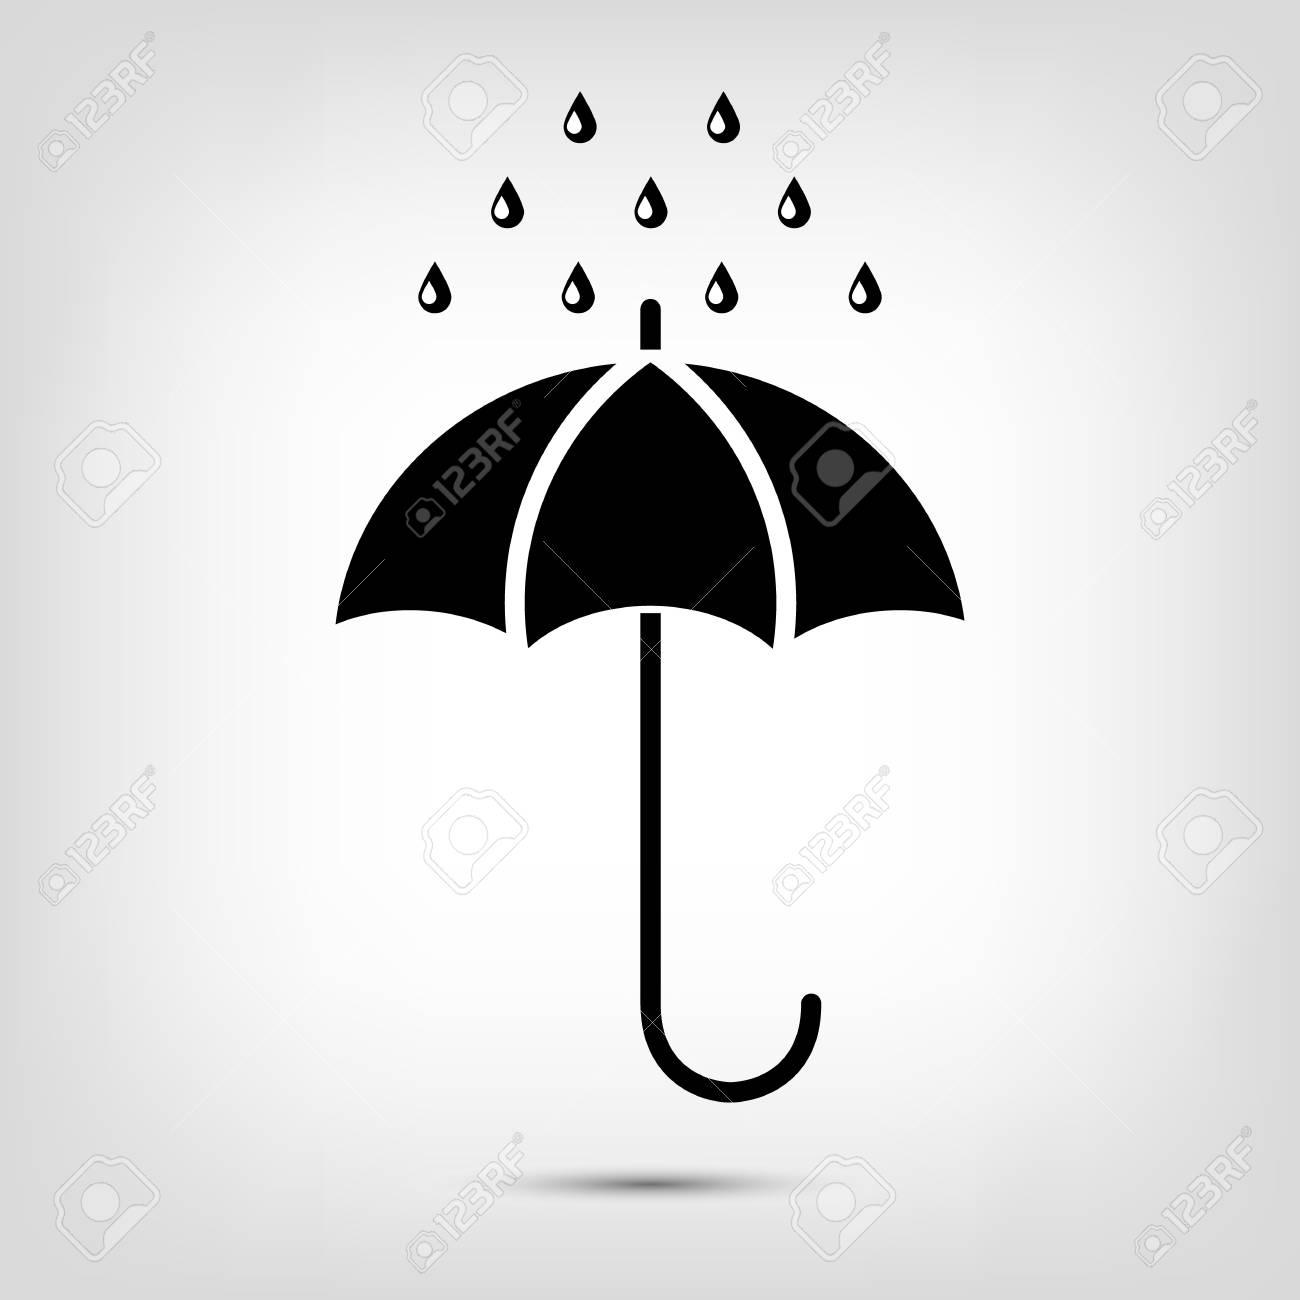 Paraguas Con Gotas De Agua Símbolo De Protección De Lluvia Sombrillas Mojadas Ilustración Vectorial Ilustraciones Vectoriales Clip Art Vectorizado Libre De Derechos Image 69777618